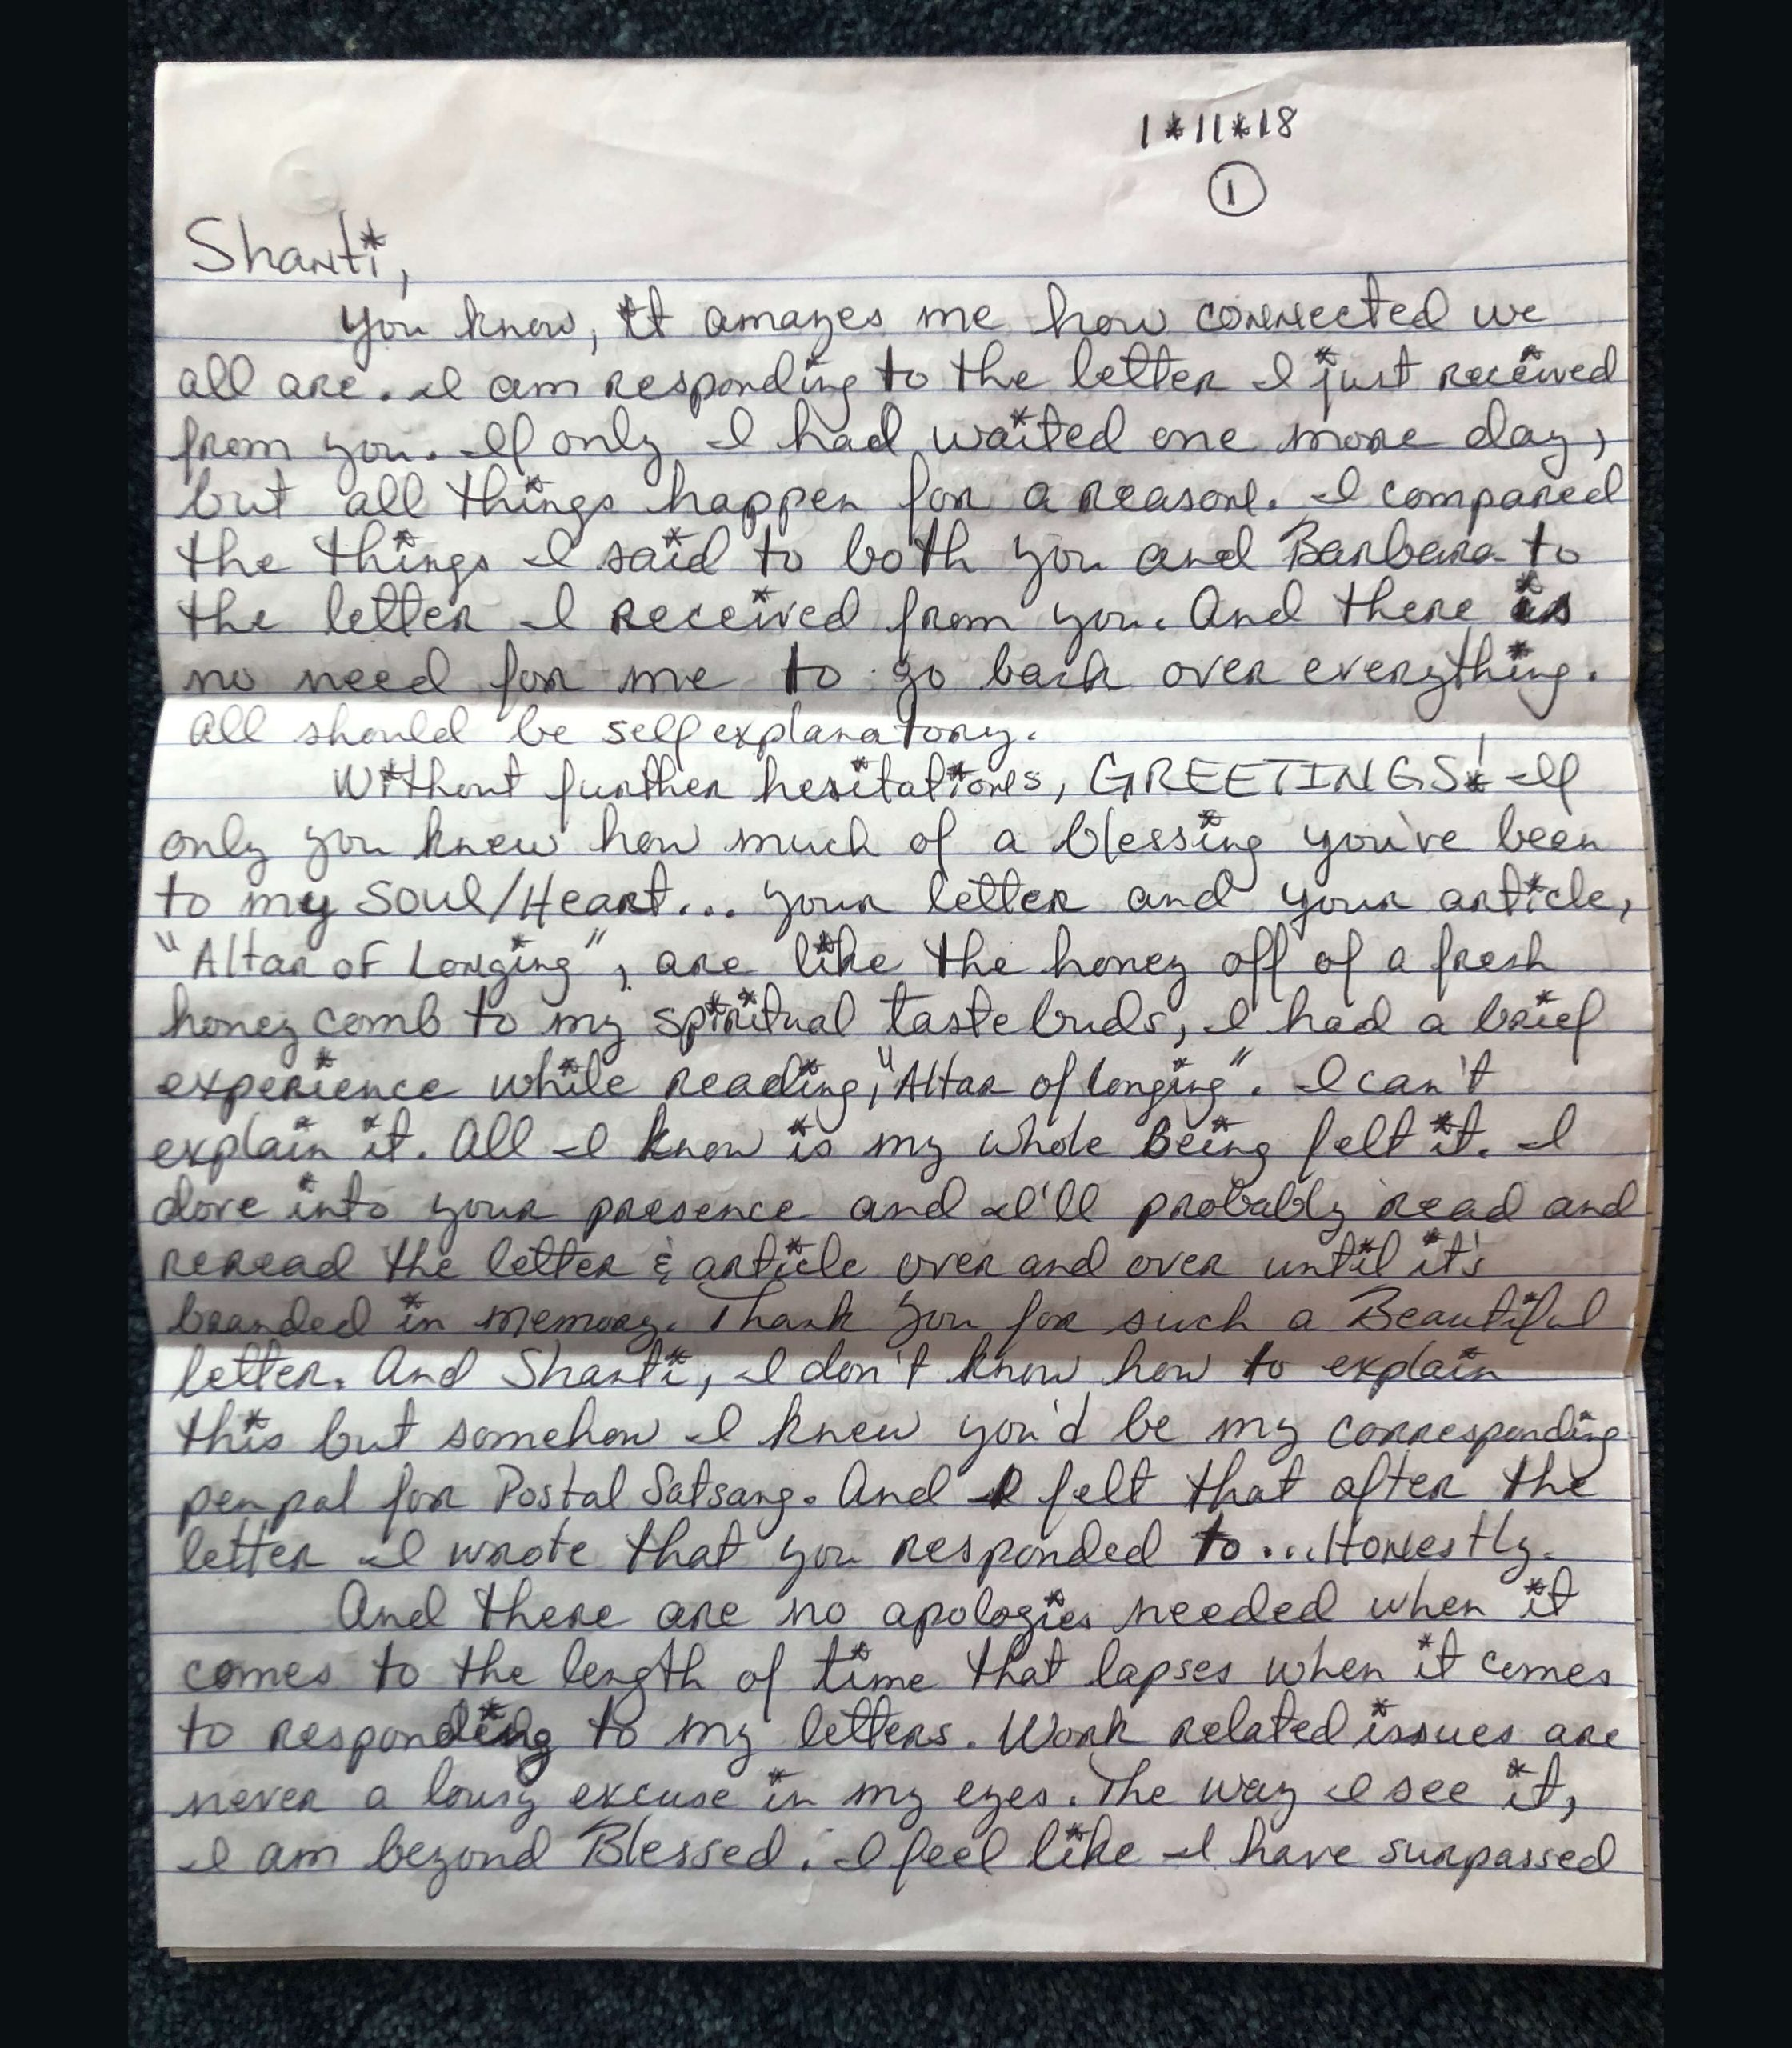 Prisoner Letter to Shanti